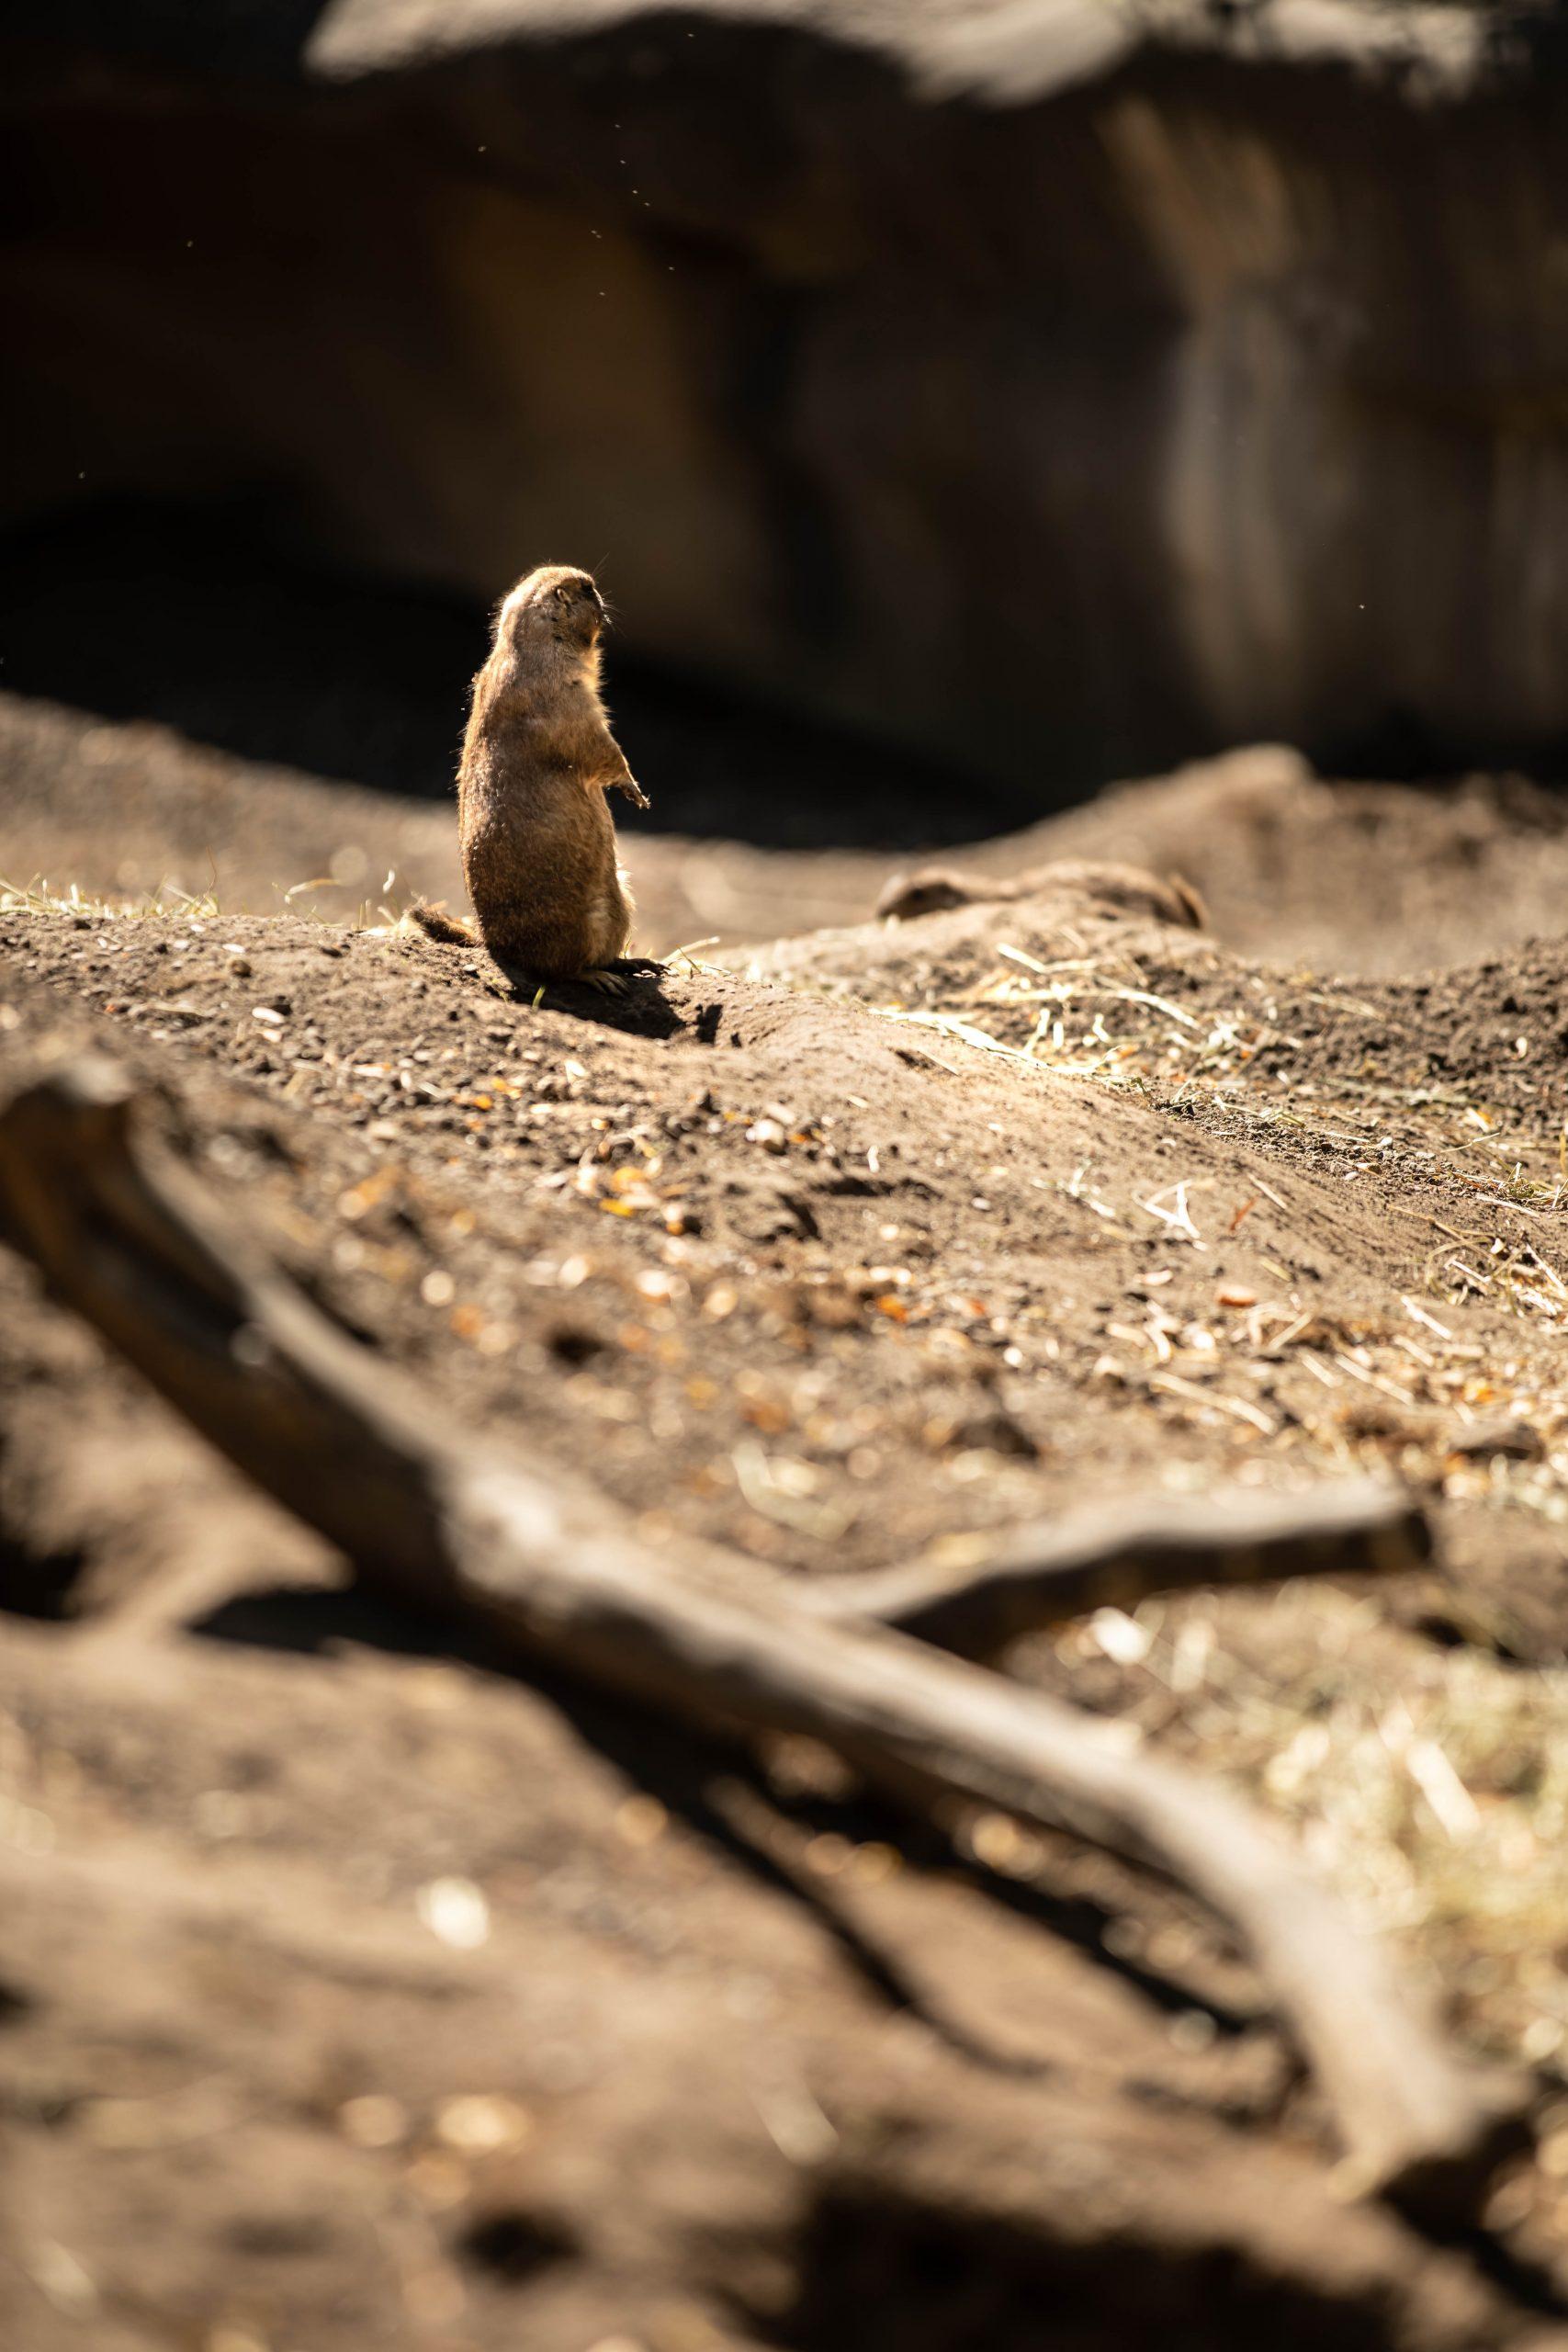 Prairie Dog at the Detroit Zoo in Royal Oak Michigan by Annie Fairfax